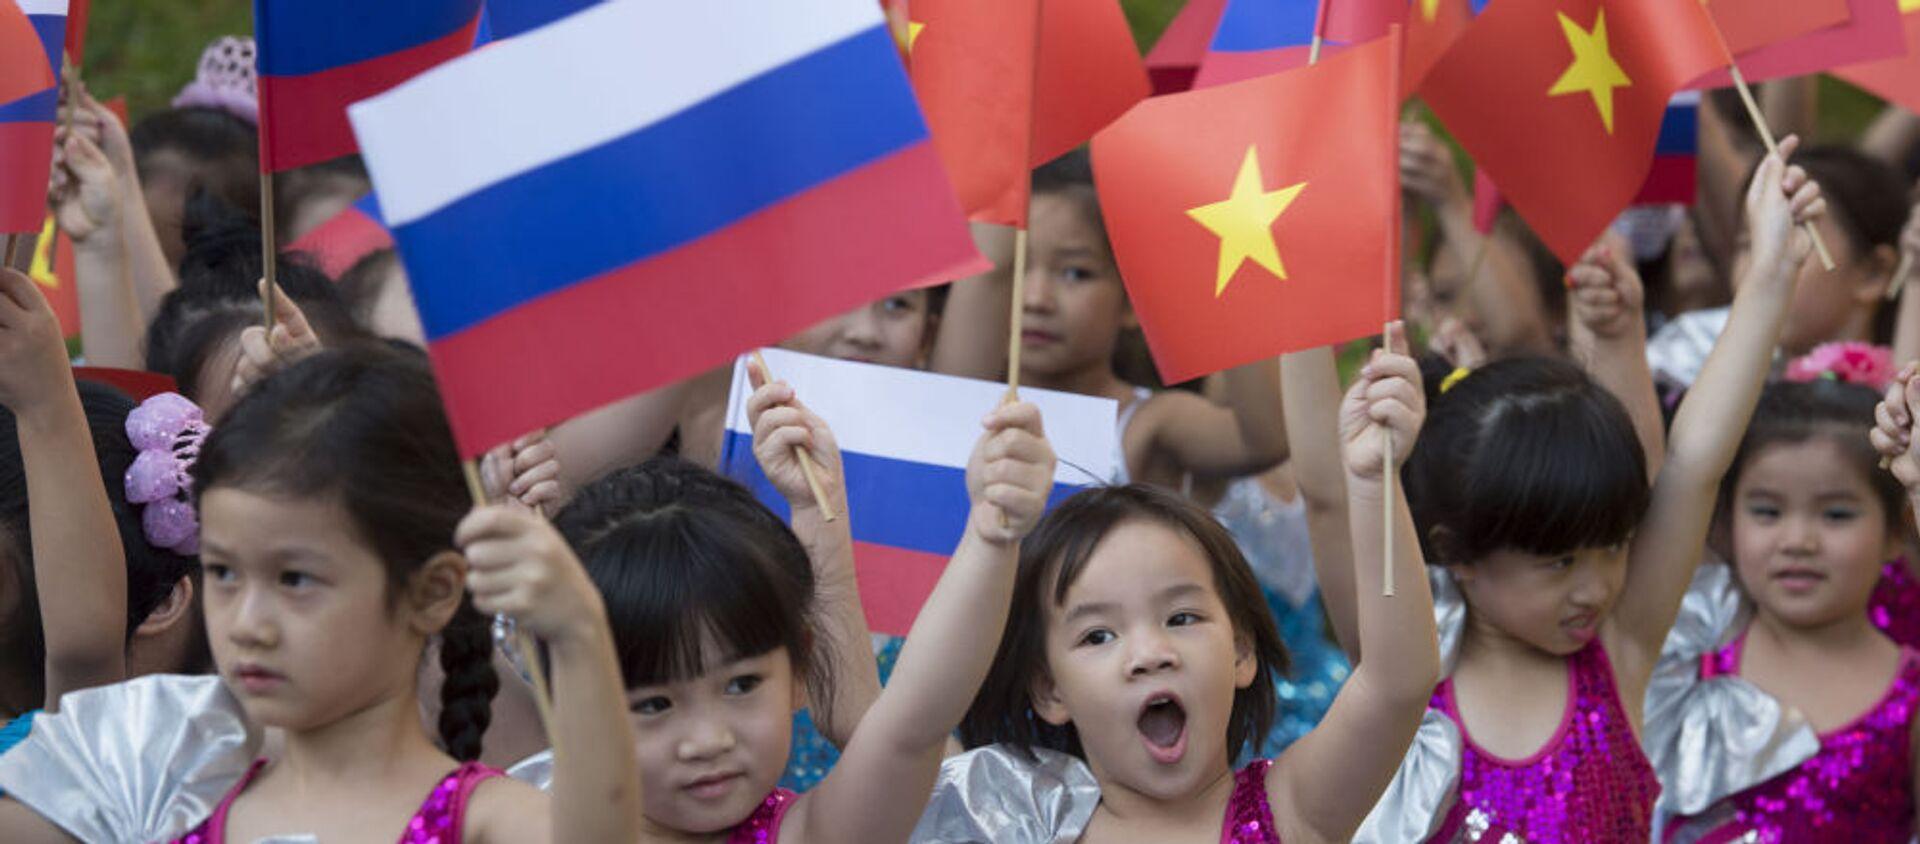 Các thiếu nhi vẫy cờ Nga và Việt Nam - Sputnik Việt Nam, 1920, 08.07.2021